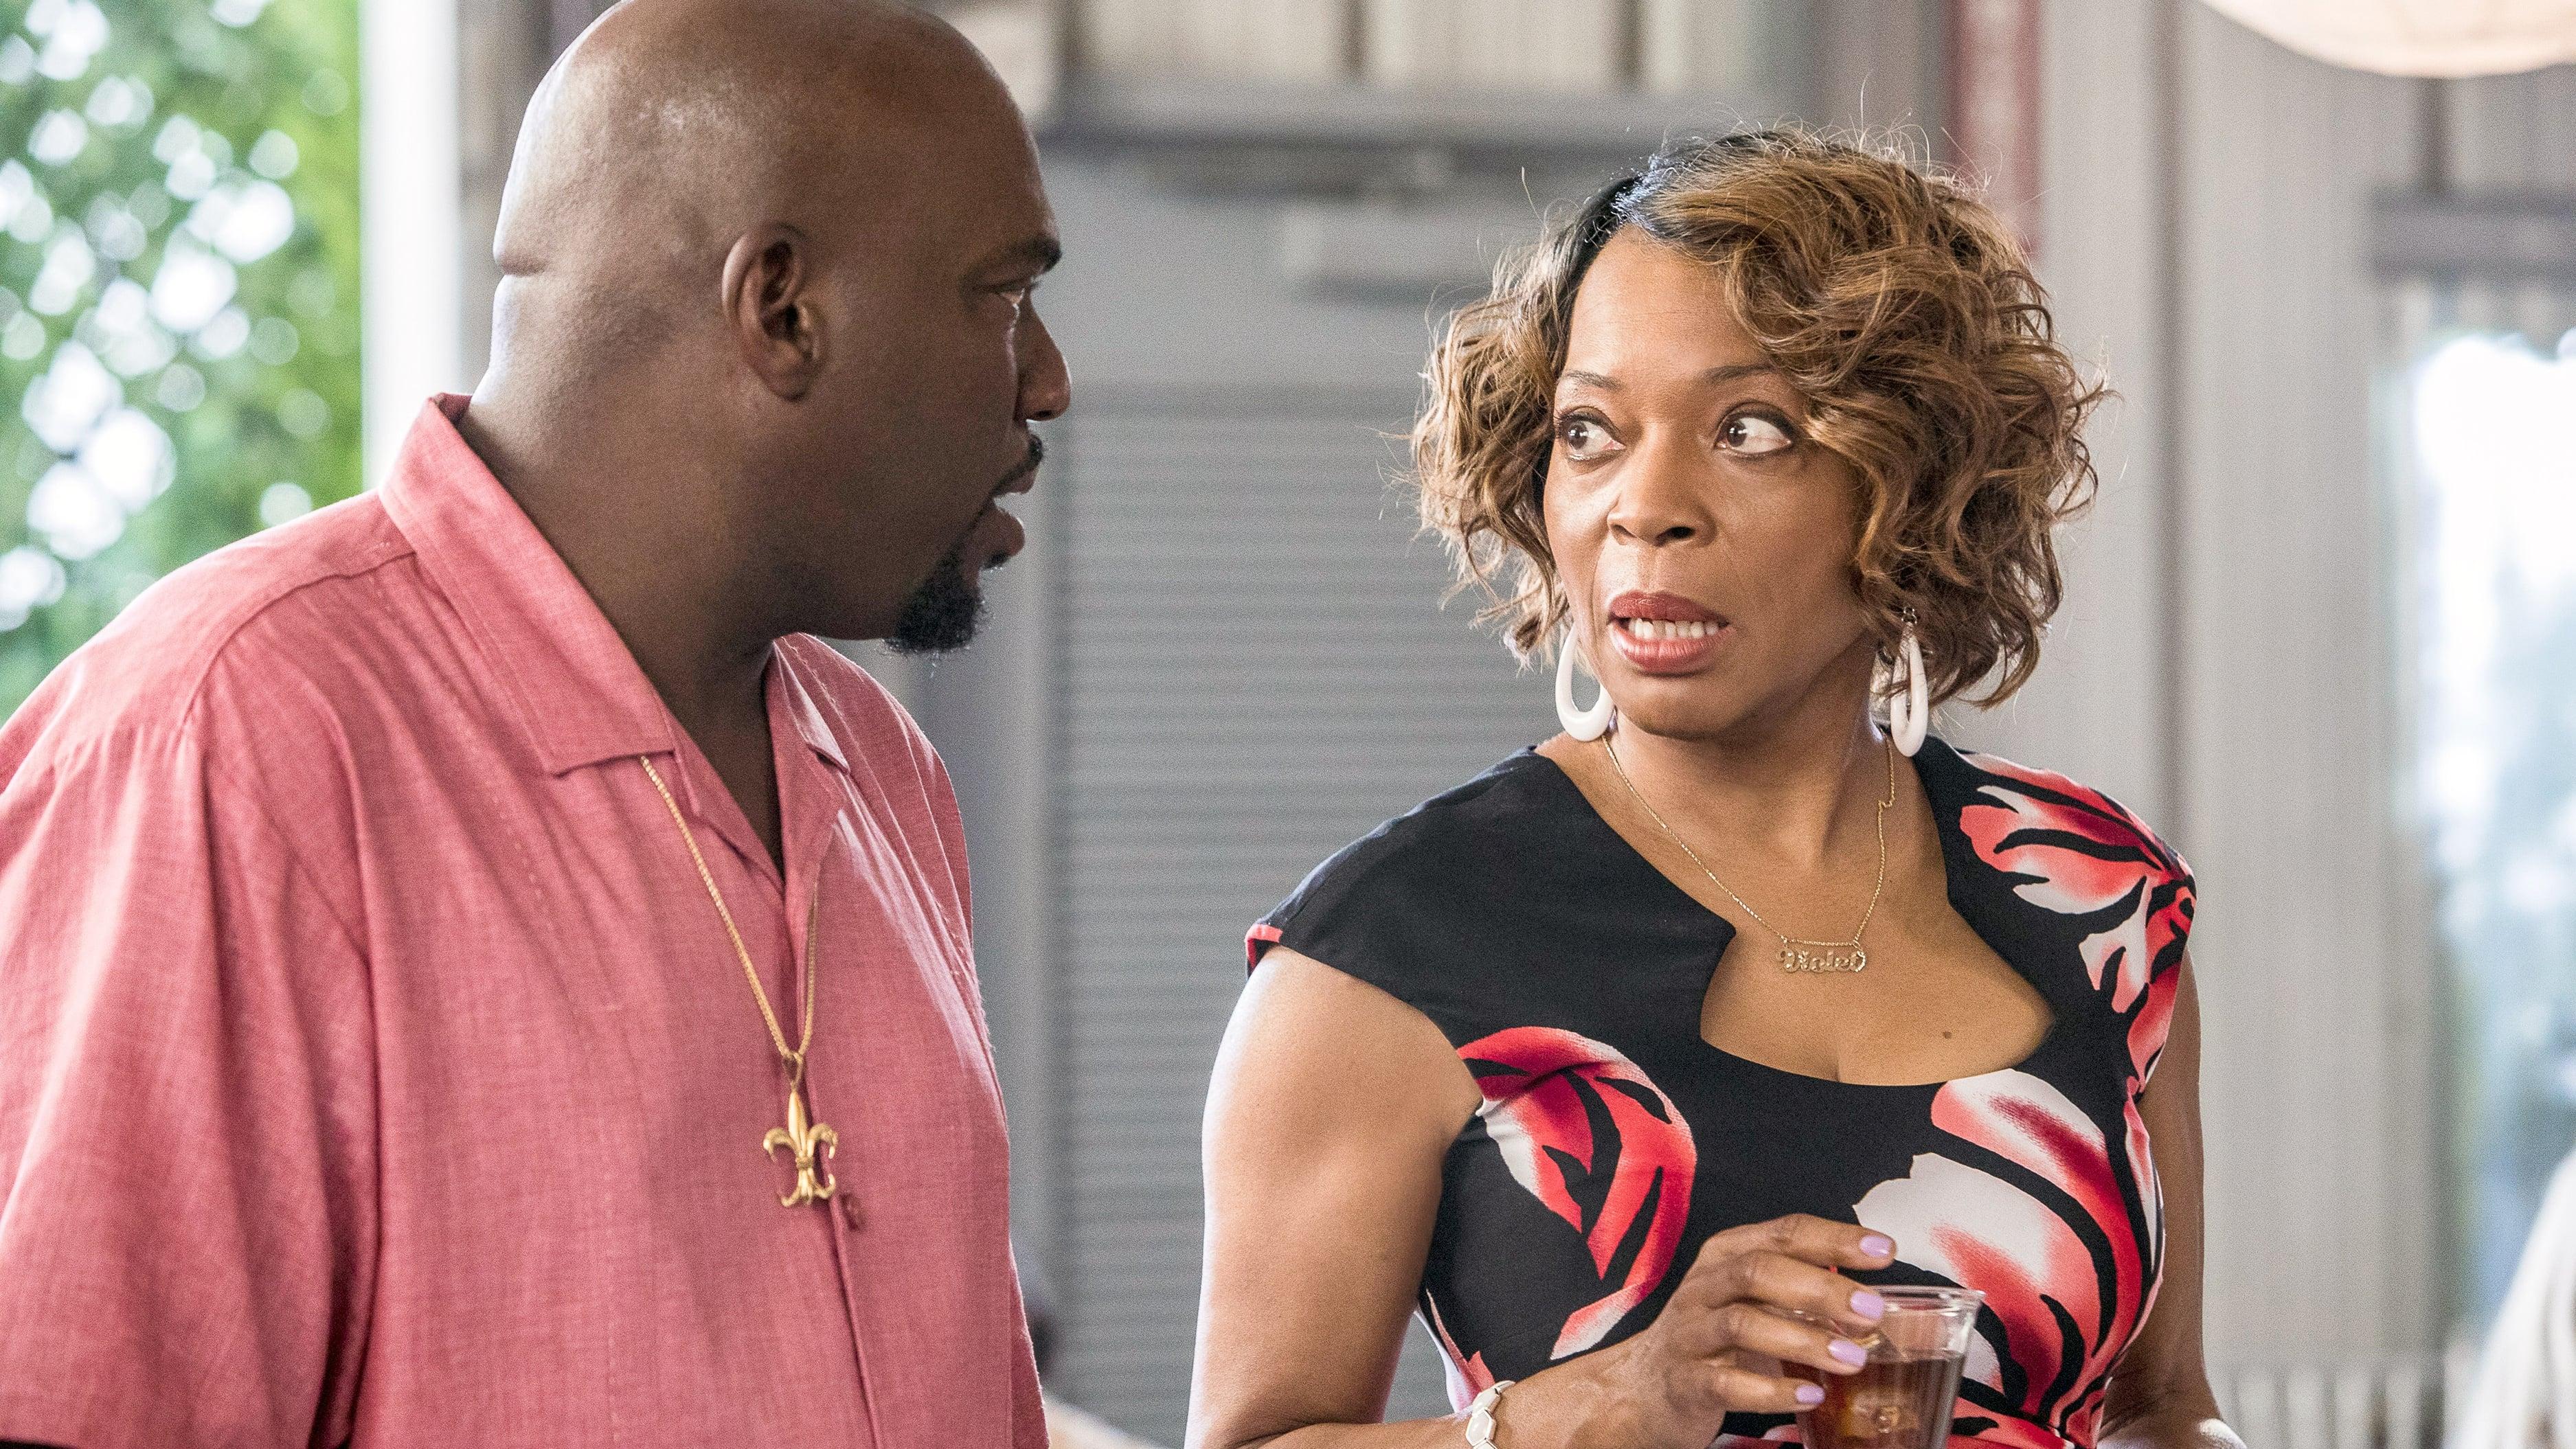 watch Queen Sugar Season 2 Episode 6 online free